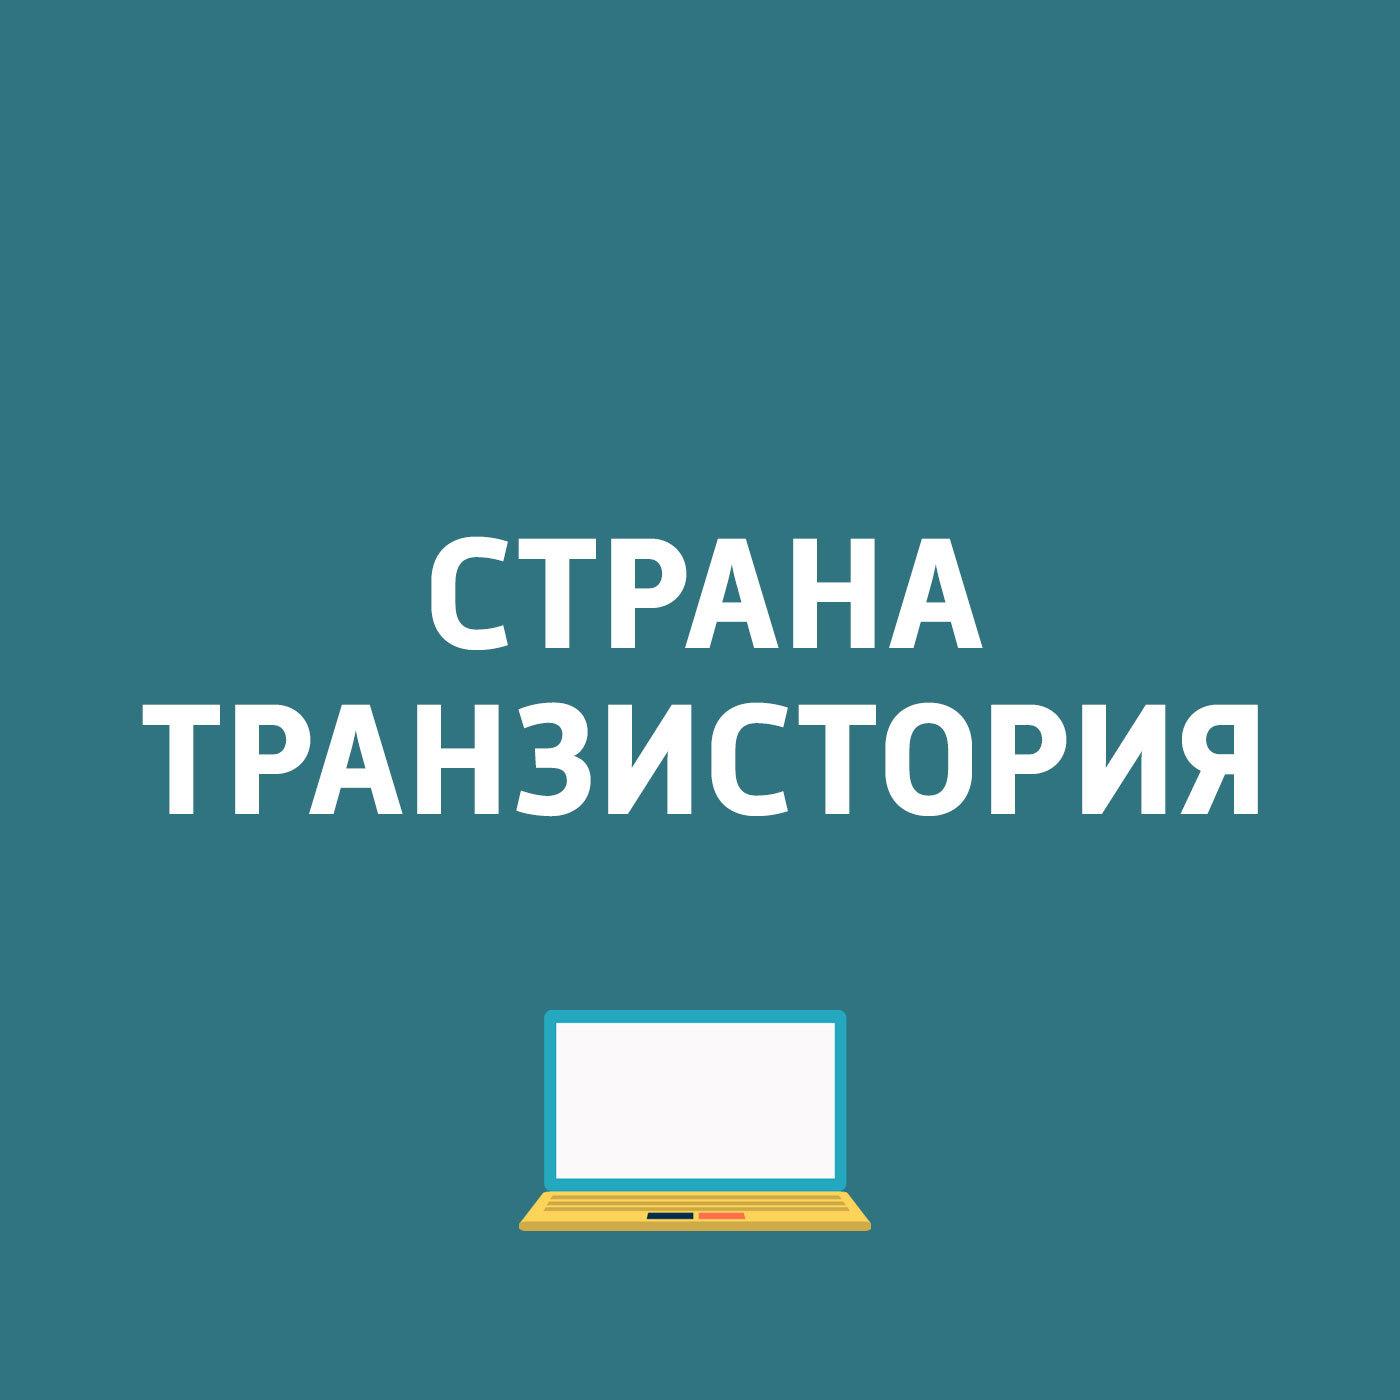 Картаев Павел Lenovo Z5, новая NVIDIA Isaac, WeChat и новый экшен Vampyr картаев павел в конце сентября в москве продет очередной игромир и comic con russia